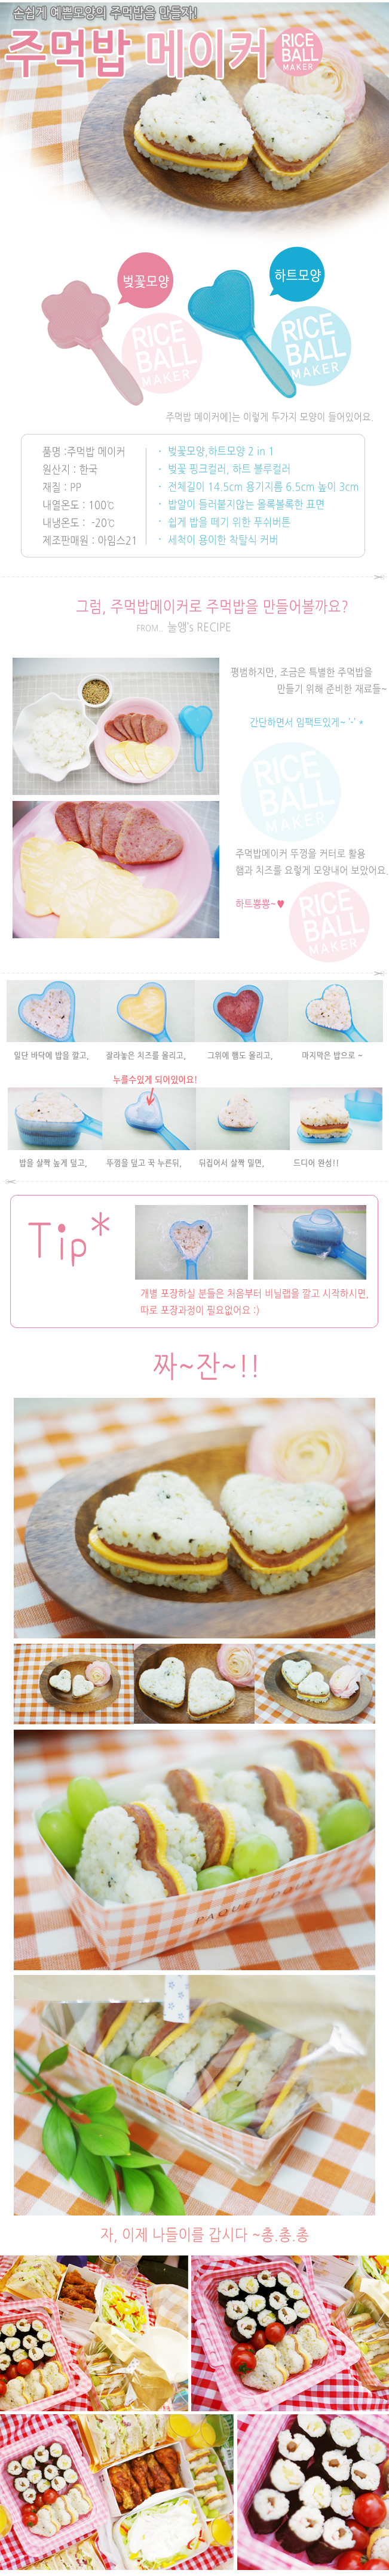 주먹밥 메이커 세트 - 미스터베이쿡, 1,900원, 피크닉도시락/식기, 피크닉도시락통